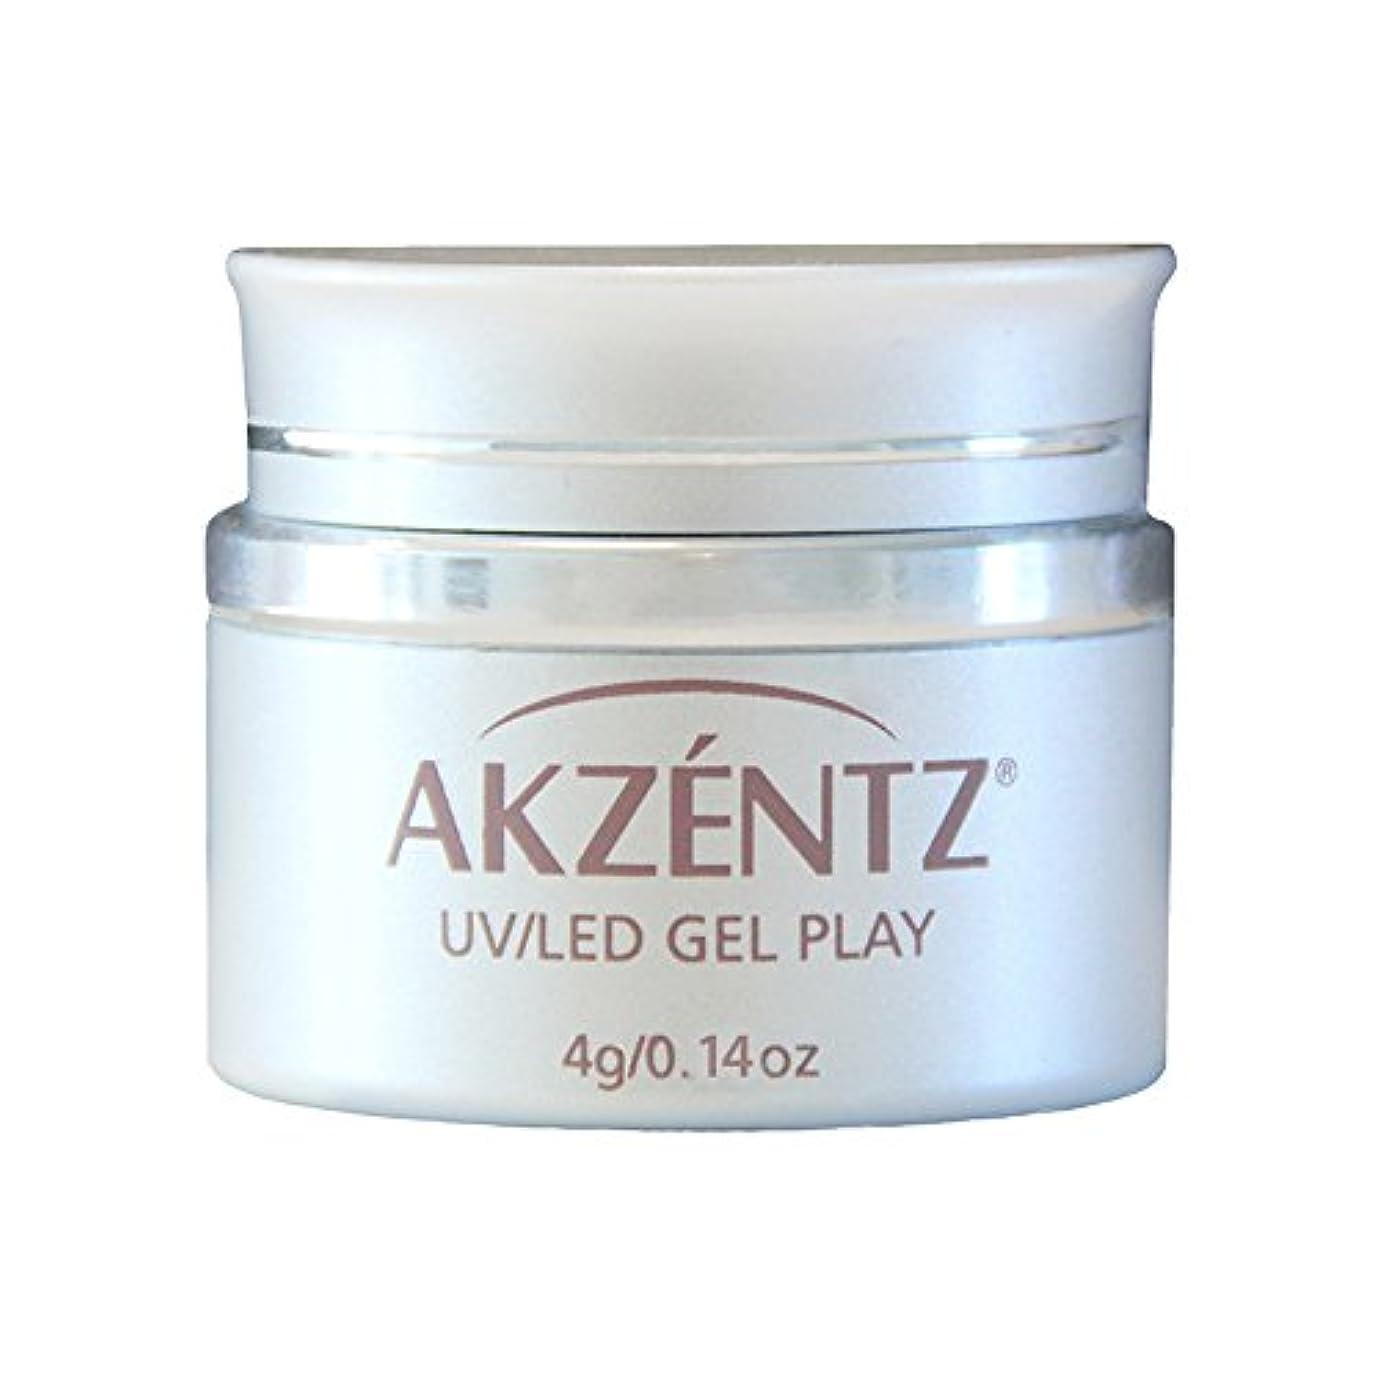 セメントピース楕円形AKZENTZ カラージェル ジェルプレイ ペイントパープル 4g UV/LED対応